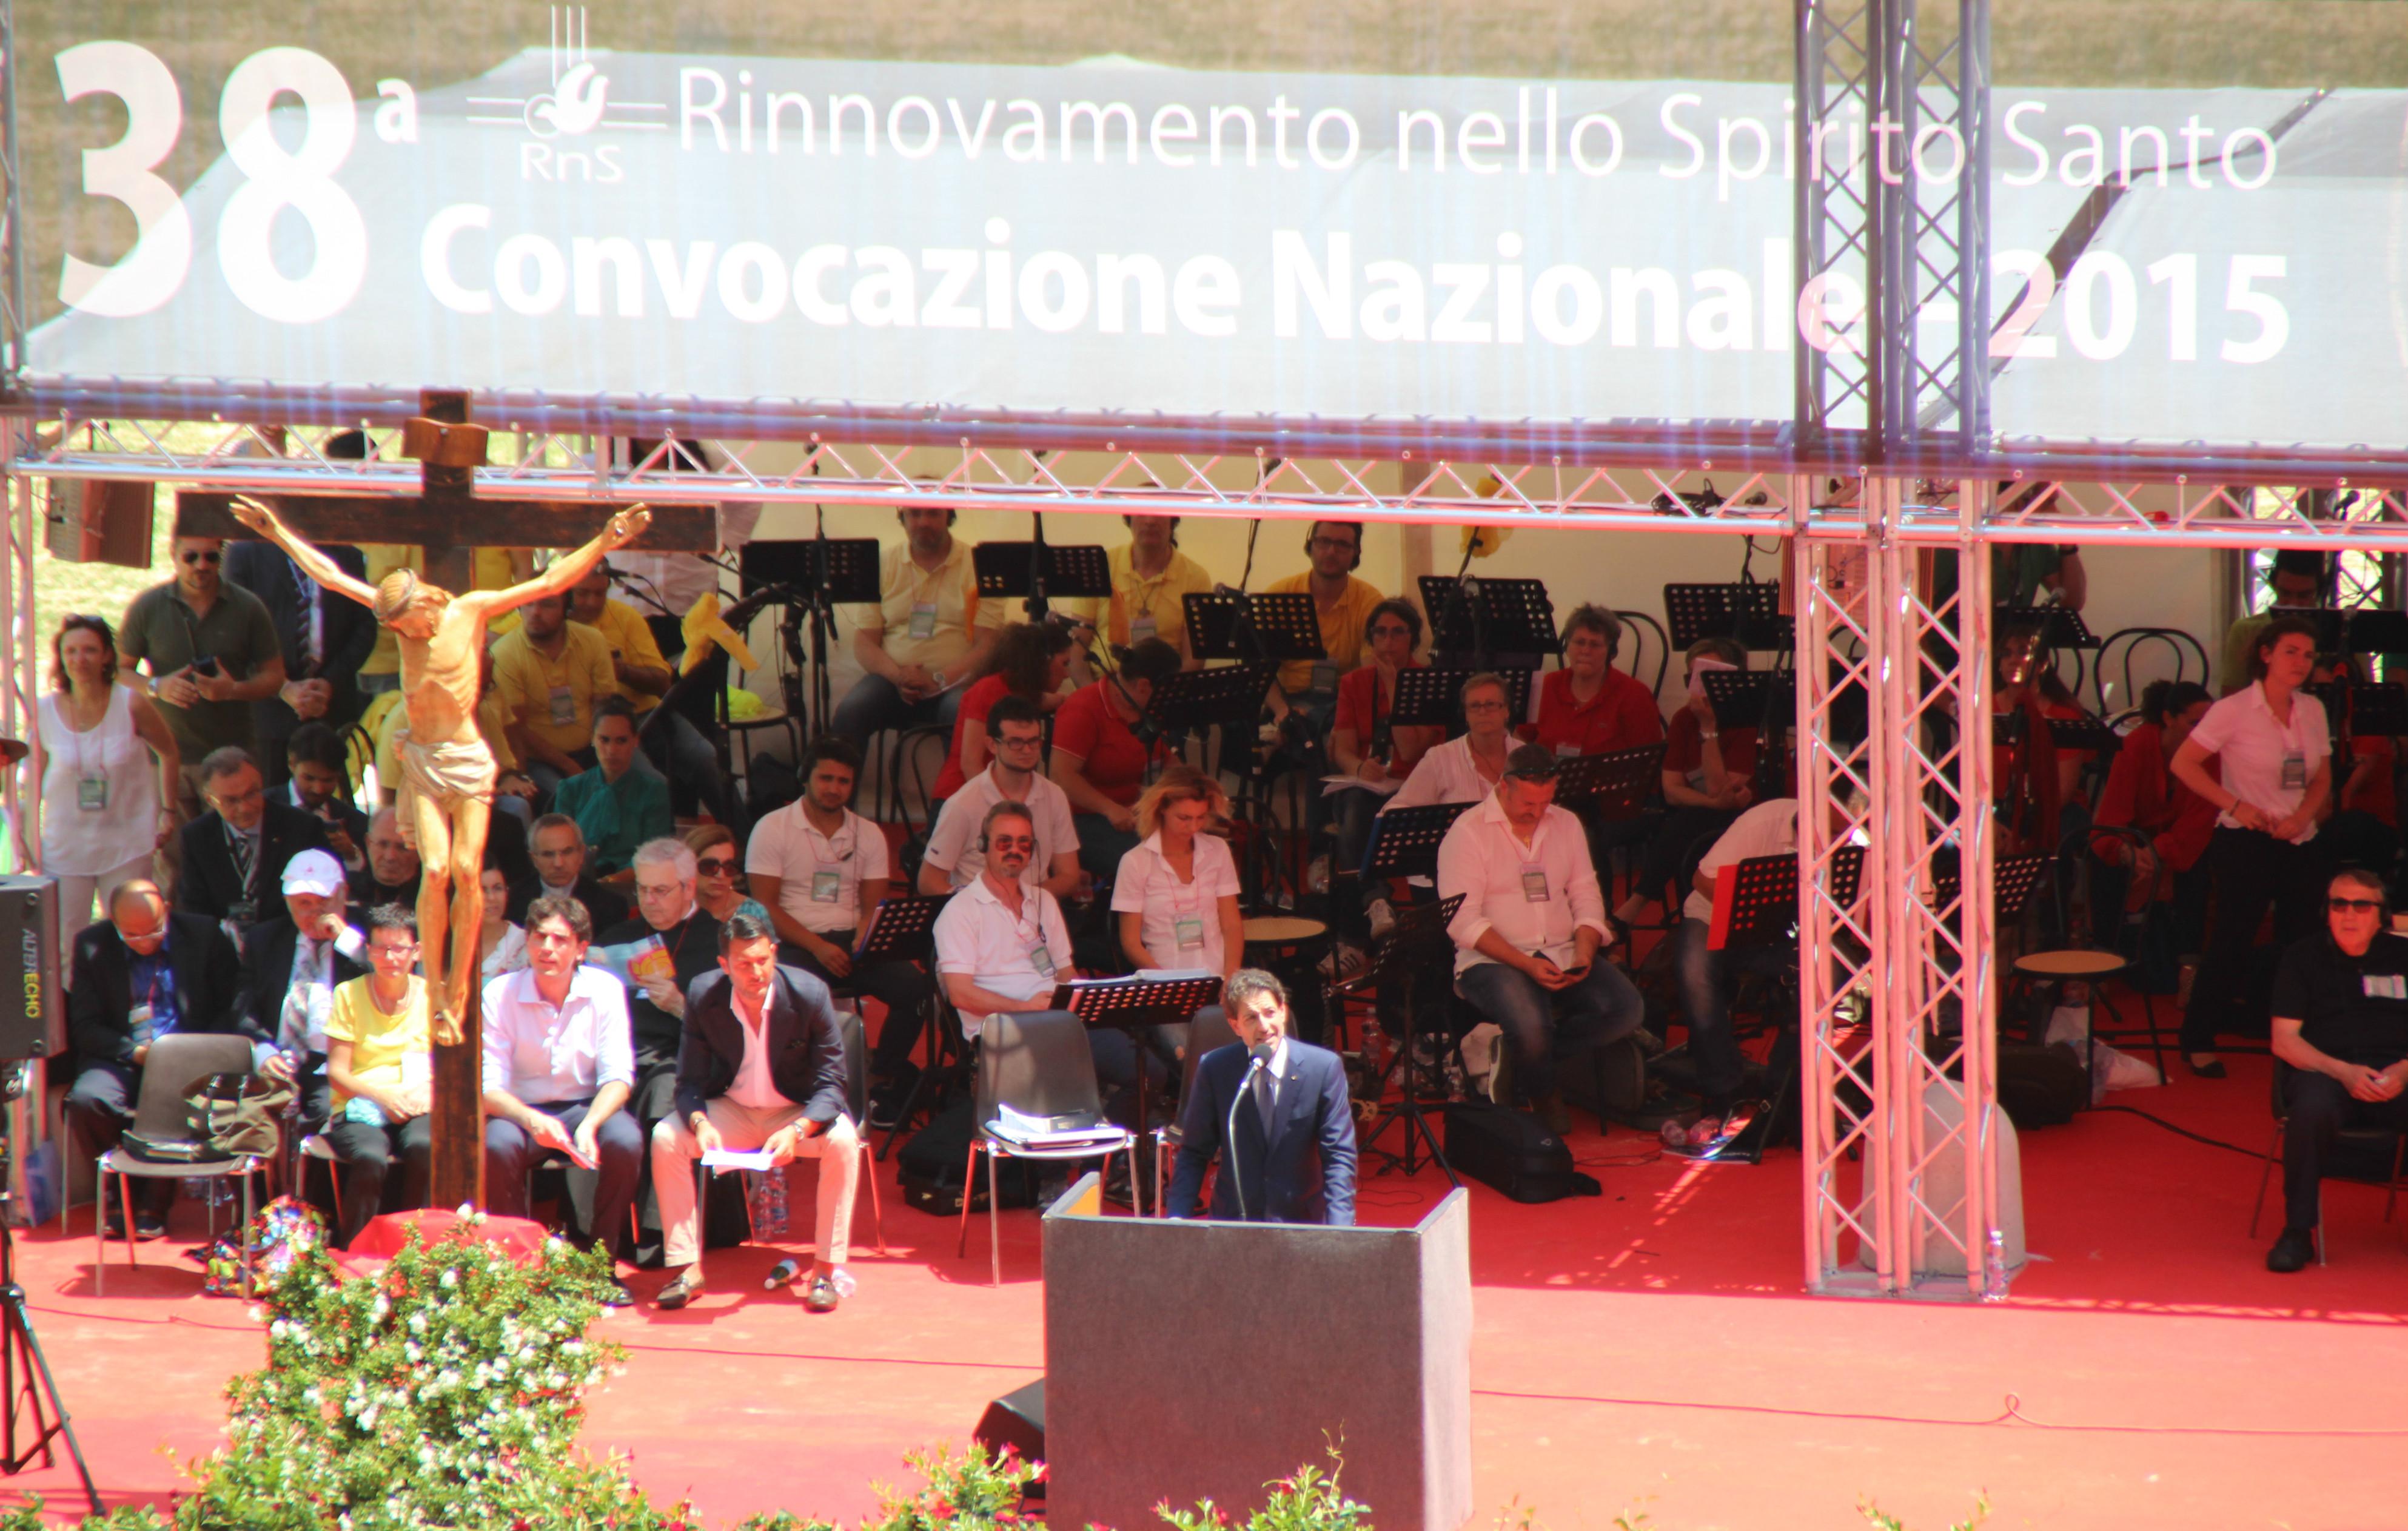 Salvatore Martinez at 38° national convocation of Rinnovamento nello Spirito Santo (Rome